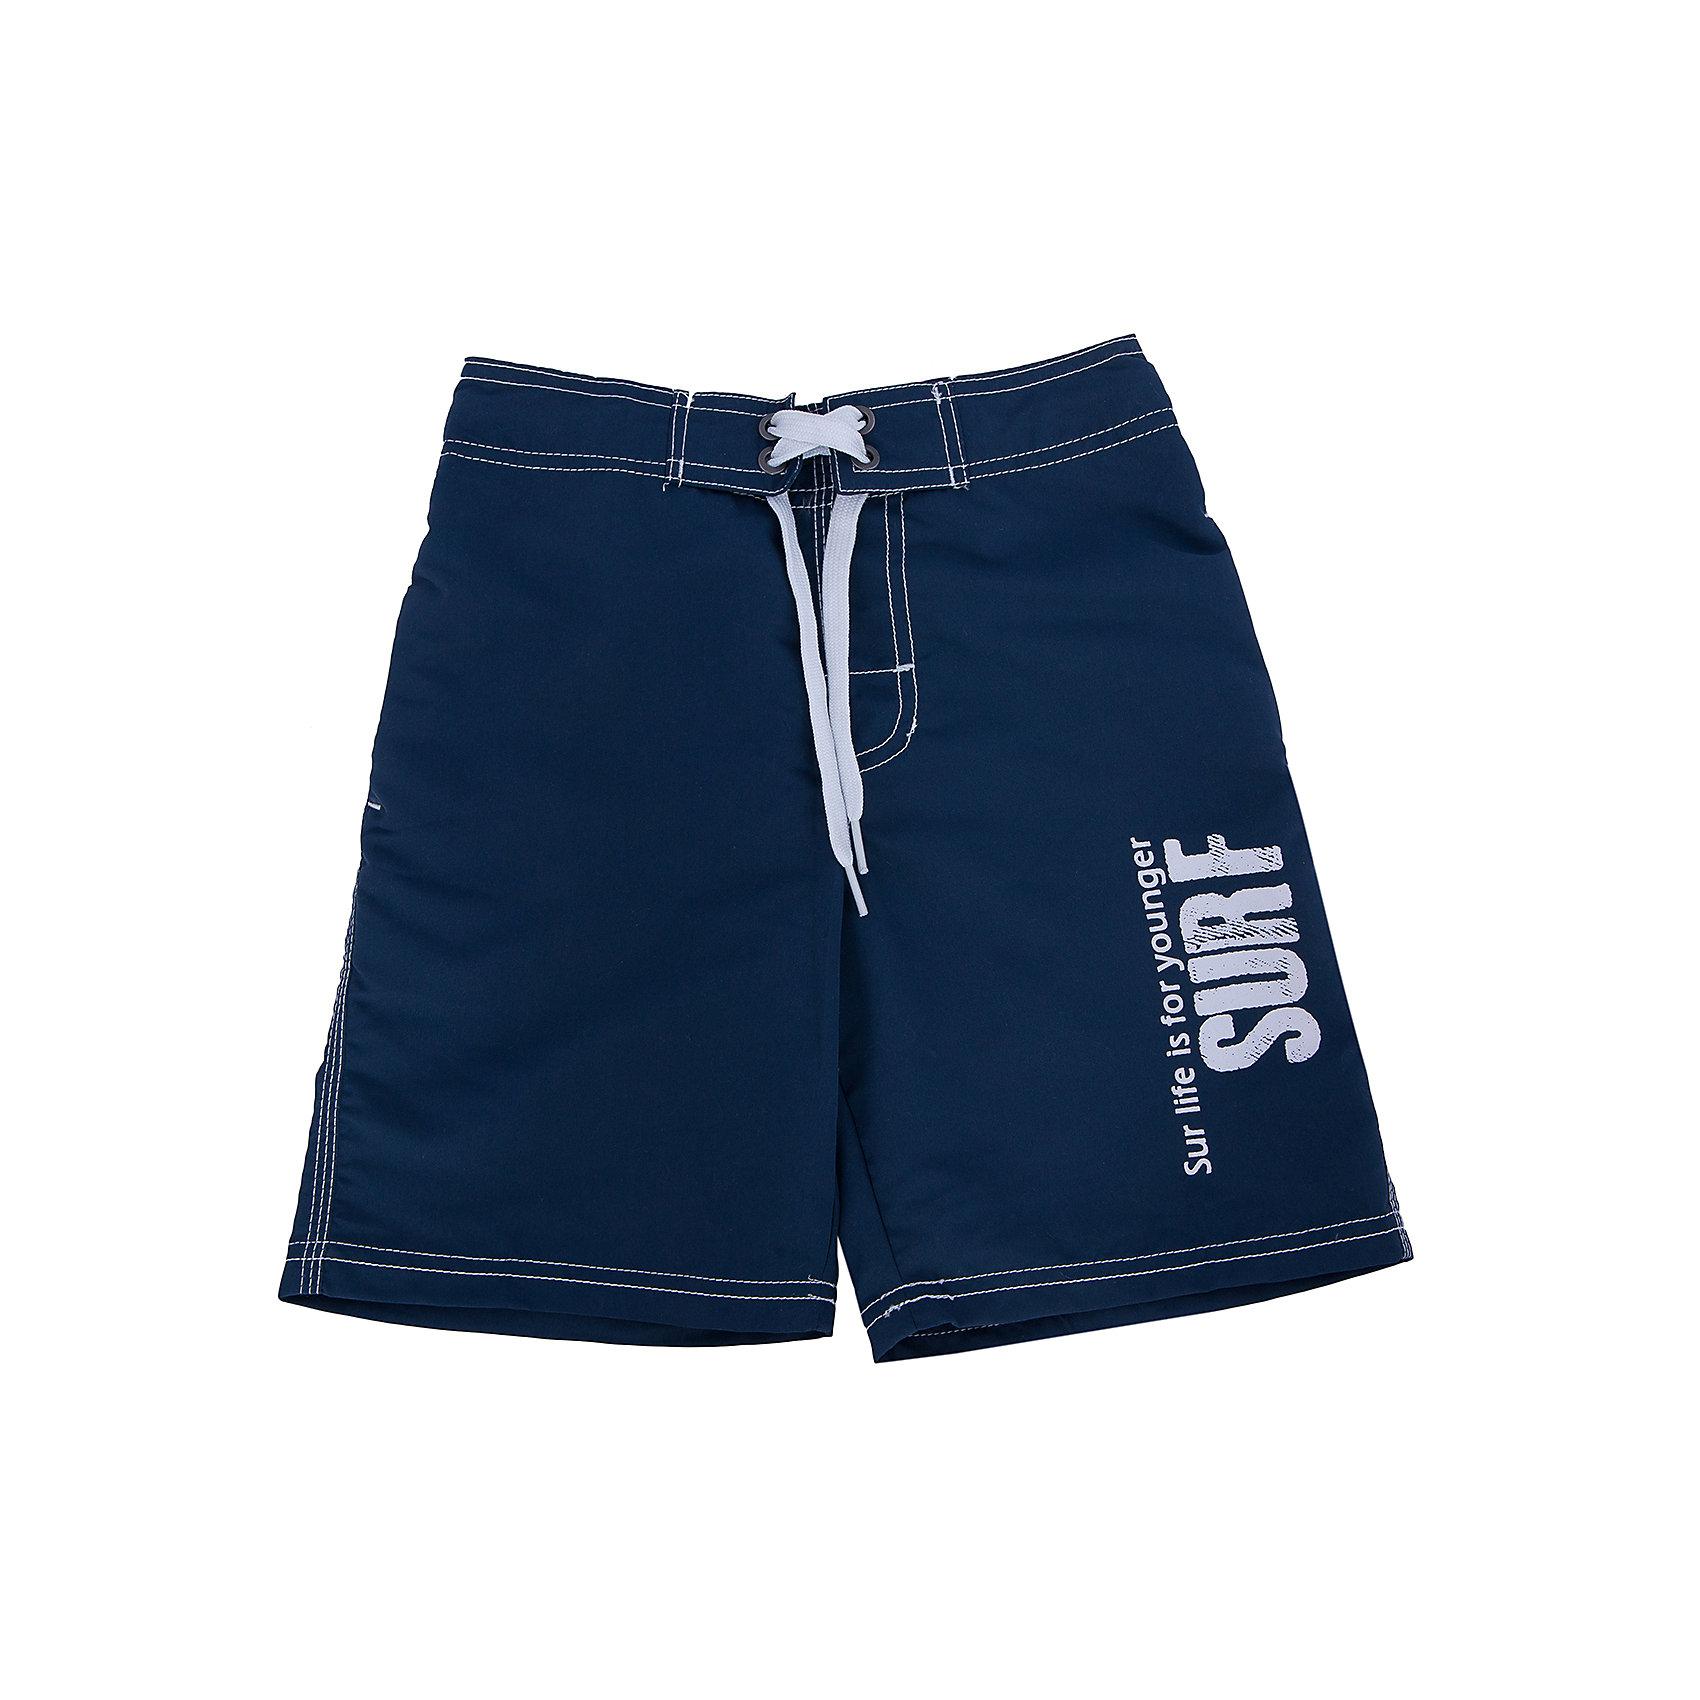 Шорты для мальчика SELAШорты, бриджи, капри<br>Стильные шорты для мальчика от популярного бренда SELA. Изделие предназначено для плавания и активного отдыха на пляже и обладает следующими особенностями:<br>- темно-синий цвет, контрастная отделка;<br>- легкий быстросохнущий материал, устойчивый к агрессивным внешним воздействиям (солнце, песок, галька, соль и т.п.);<br>- пояс на резинке;<br>- вентиляционные отверстия для свободной циркуляции воздуха;<br>- внутри плавки из белой сетки;<br>- удобные карманы;<br>- привлекательный дизайн;<br>- комфортный крой.<br>Прекрасный выбор для пляжного отдыха!<br><br>Дополнительная информация:<br>- состав: 100% полиэстер<br>- цвет: темно-синий + белый<br><br>Шорты для мальчика SELA можно купить в нашем магазине<br><br>Ширина мм: 191<br>Глубина мм: 10<br>Высота мм: 175<br>Вес г: 273<br>Цвет: синий<br>Возраст от месяцев: 132<br>Возраст до месяцев: 144<br>Пол: Мужской<br>Возраст: Детский<br>Размер: 152,116,122,128,134,140,146<br>SKU: 4742011